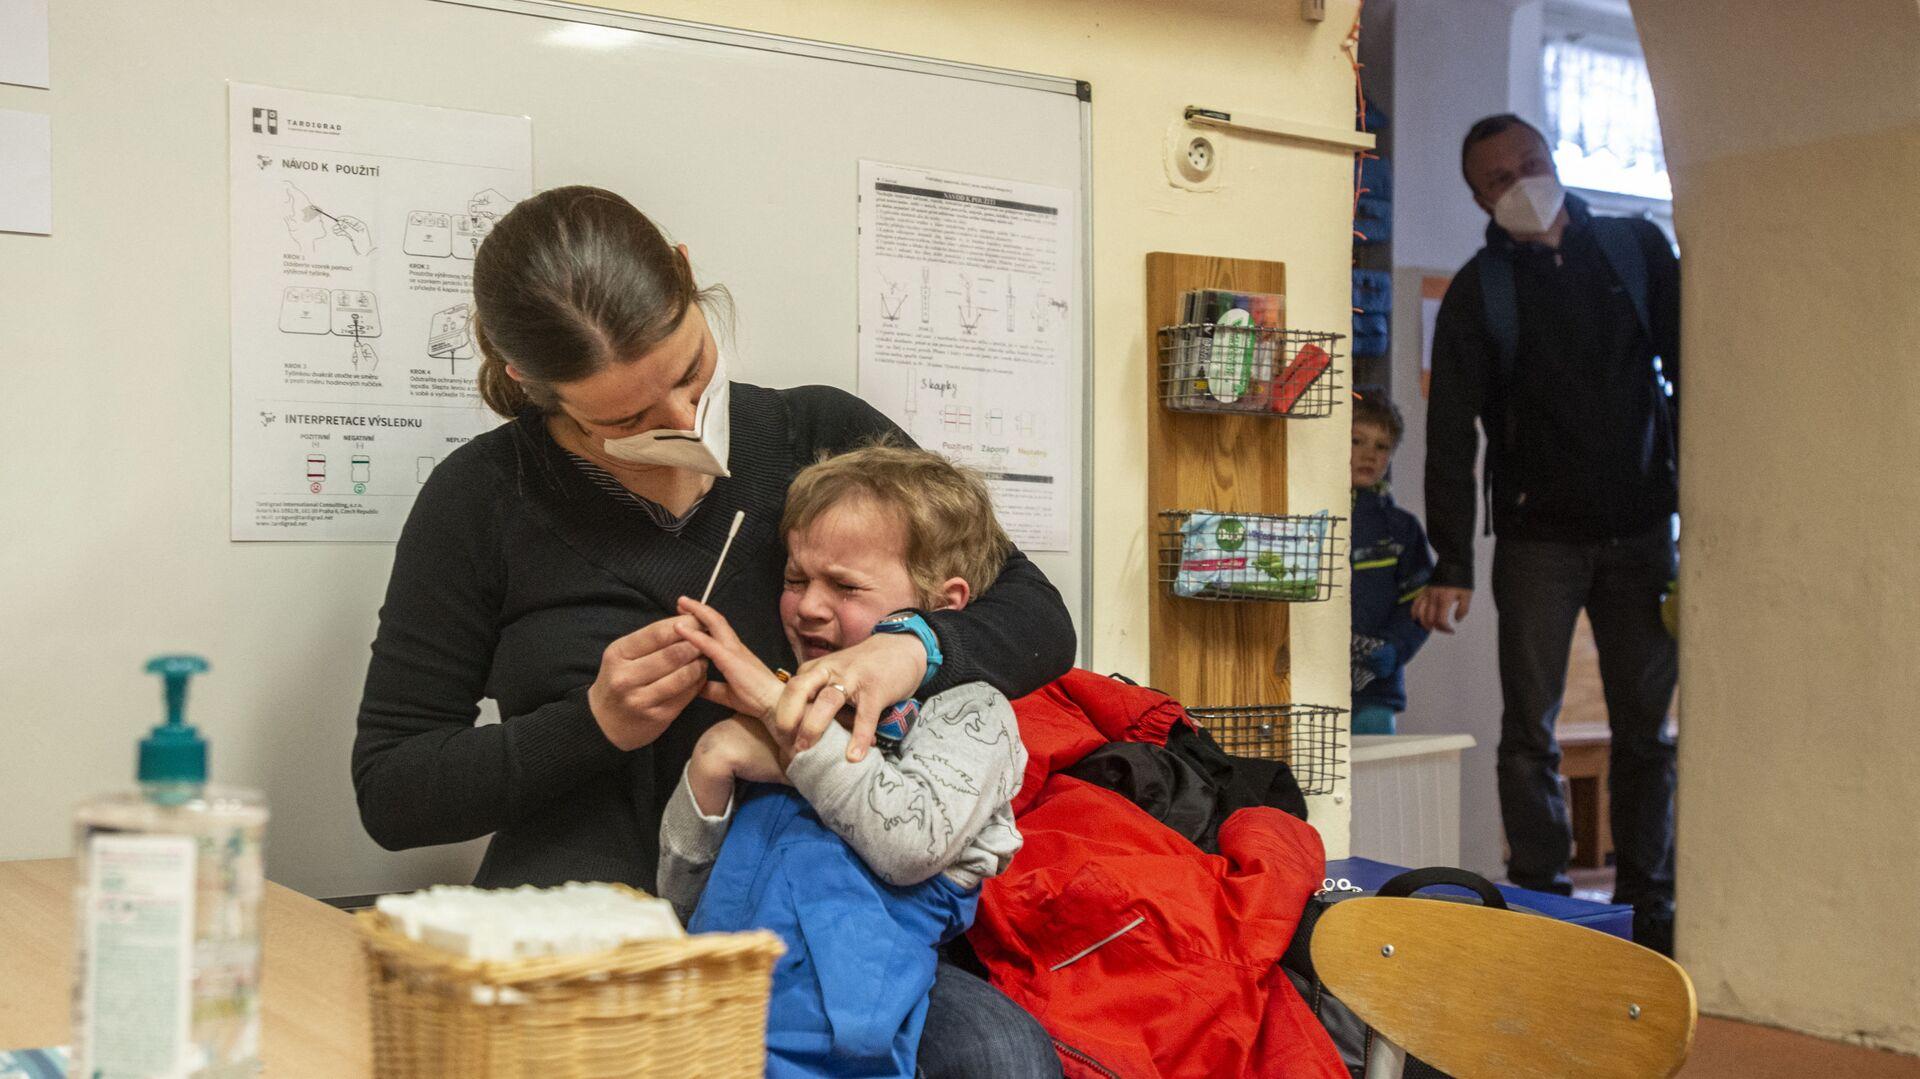 Maminka testuje své dítě na covid ve školce v Praze v České republice - Sputnik Česká republika, 1920, 21.09.2021